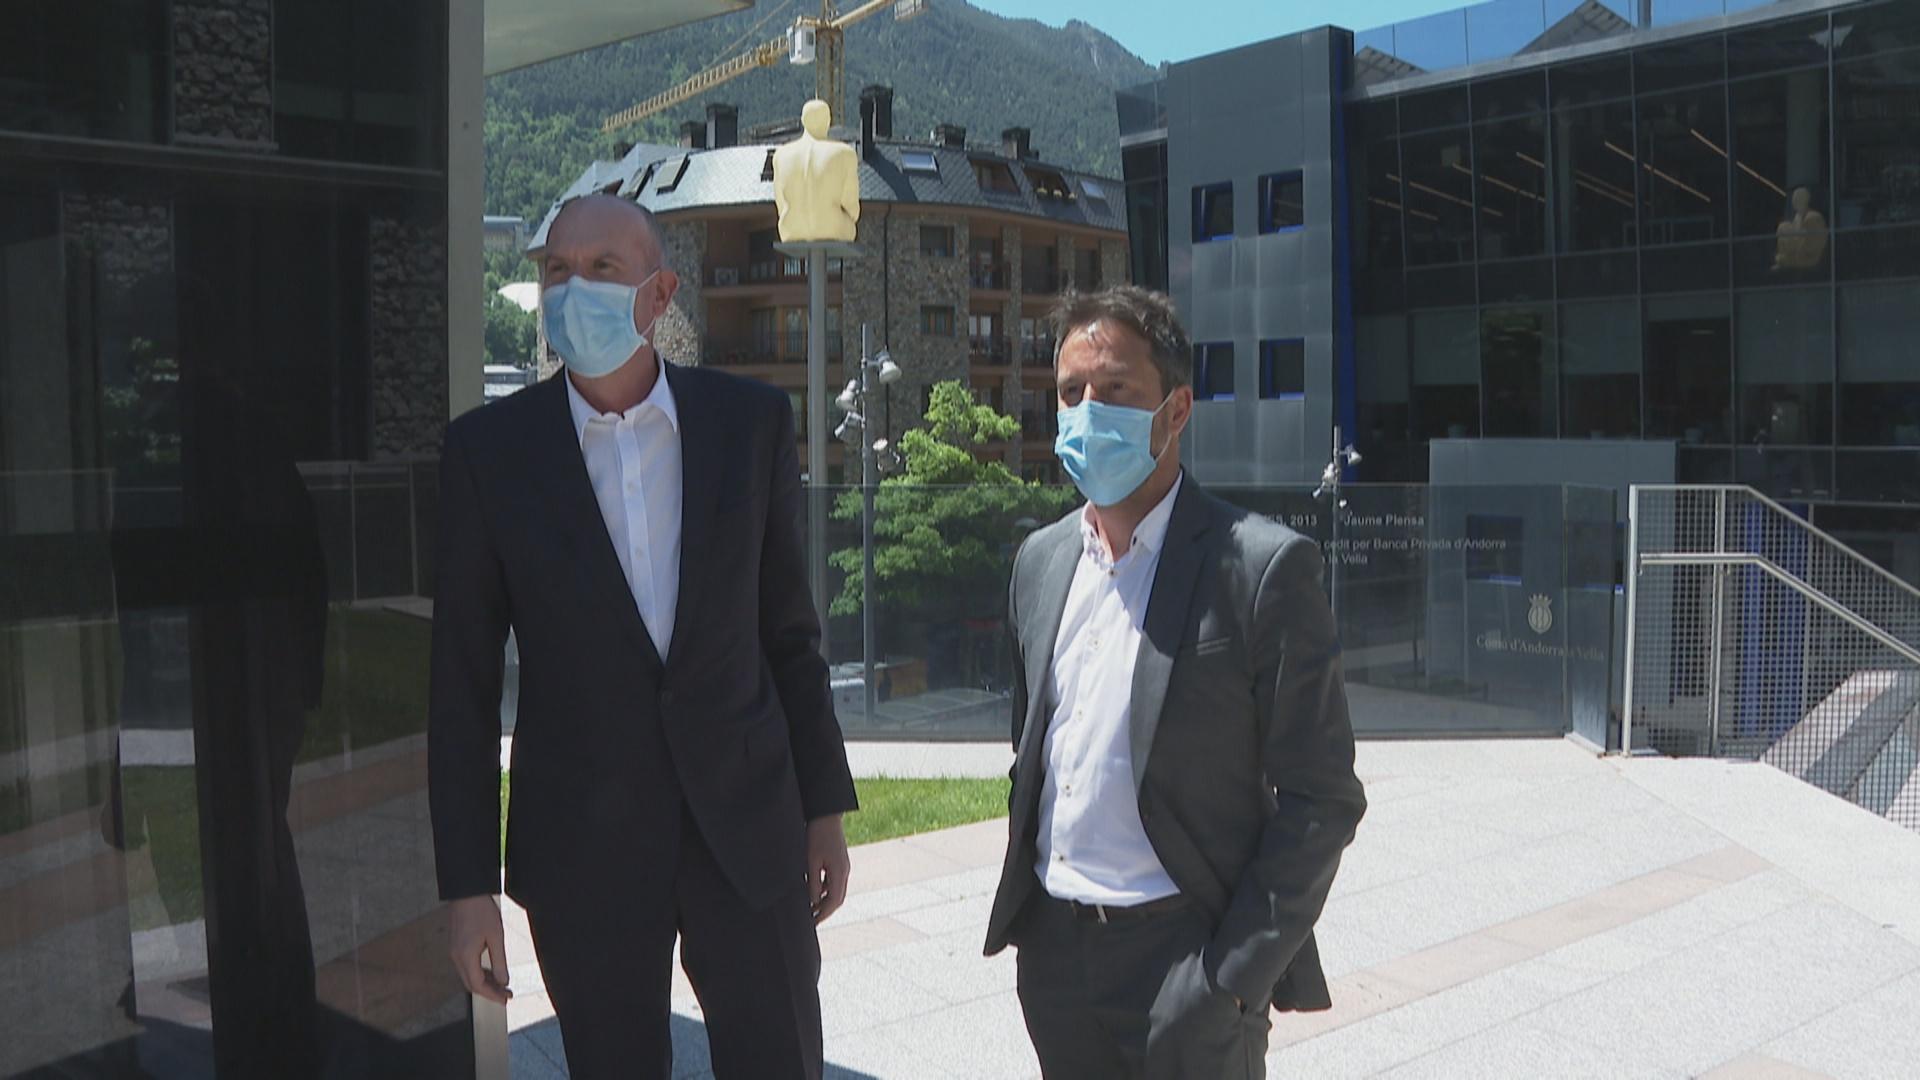 El PS trasllada a l'Autoritat Financera Andorrana els neguits de la població sobre les conseqüències de lesfusions bancàries